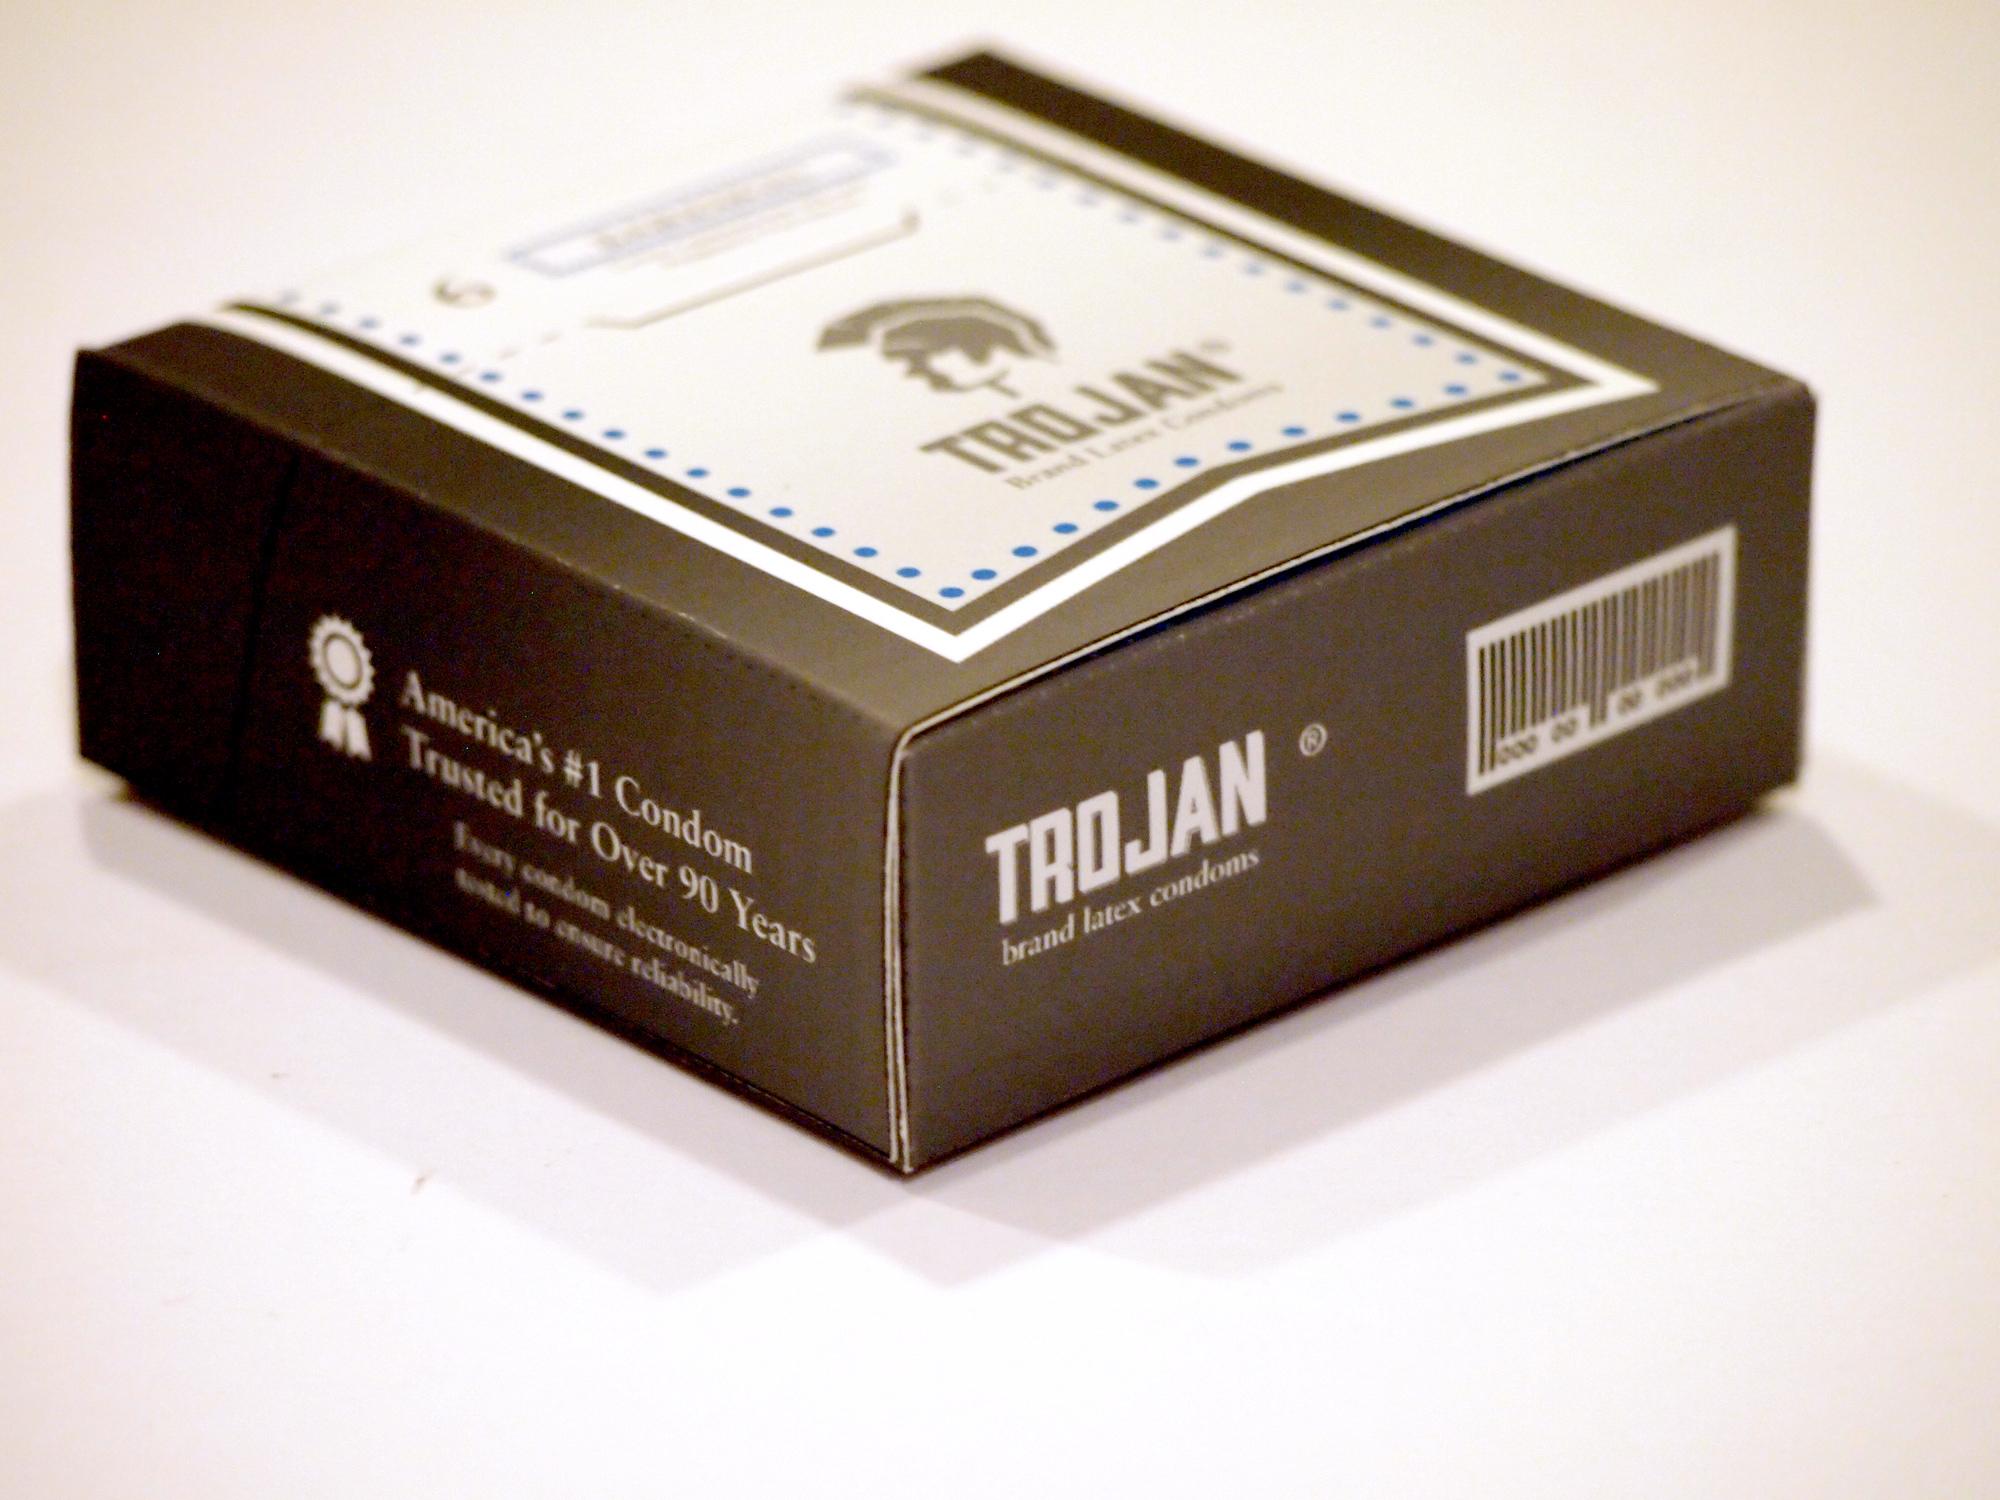 packagingfinal1.jpg